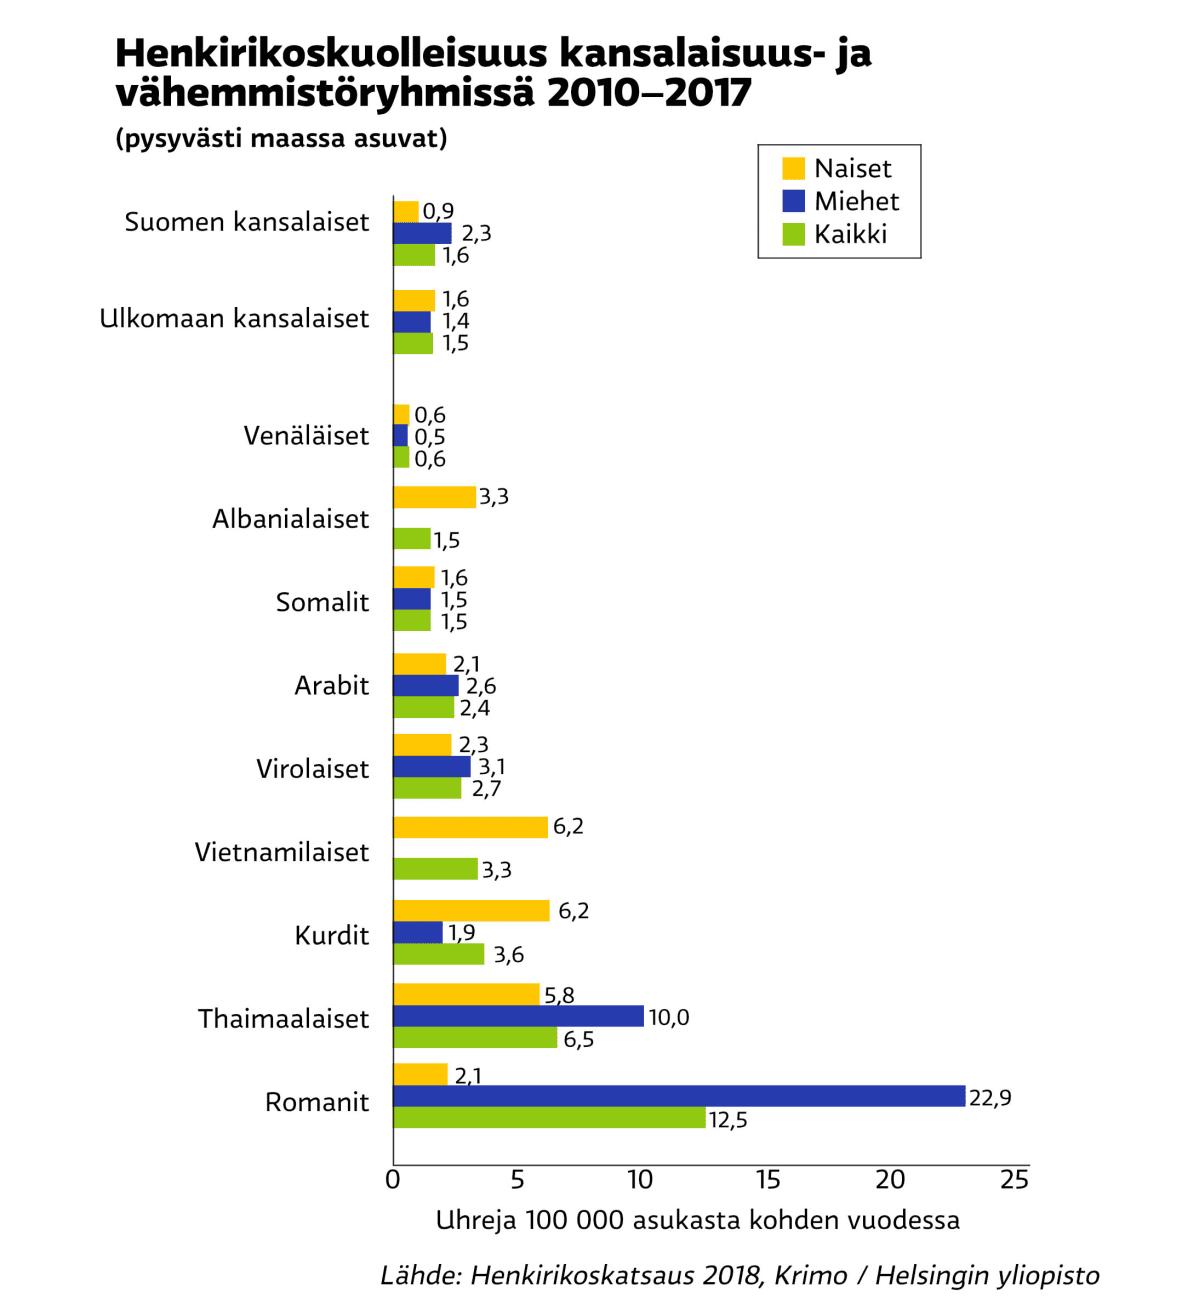 Grafiikka henkirikoskuolleisuudesta eri kansallisuuksissa ja vähemmistöryhmissä. Grafiikka osoittaa, että romanien joukossa henkirikoskuolleisuus on ryhmän kokoon nähden yleisintä.